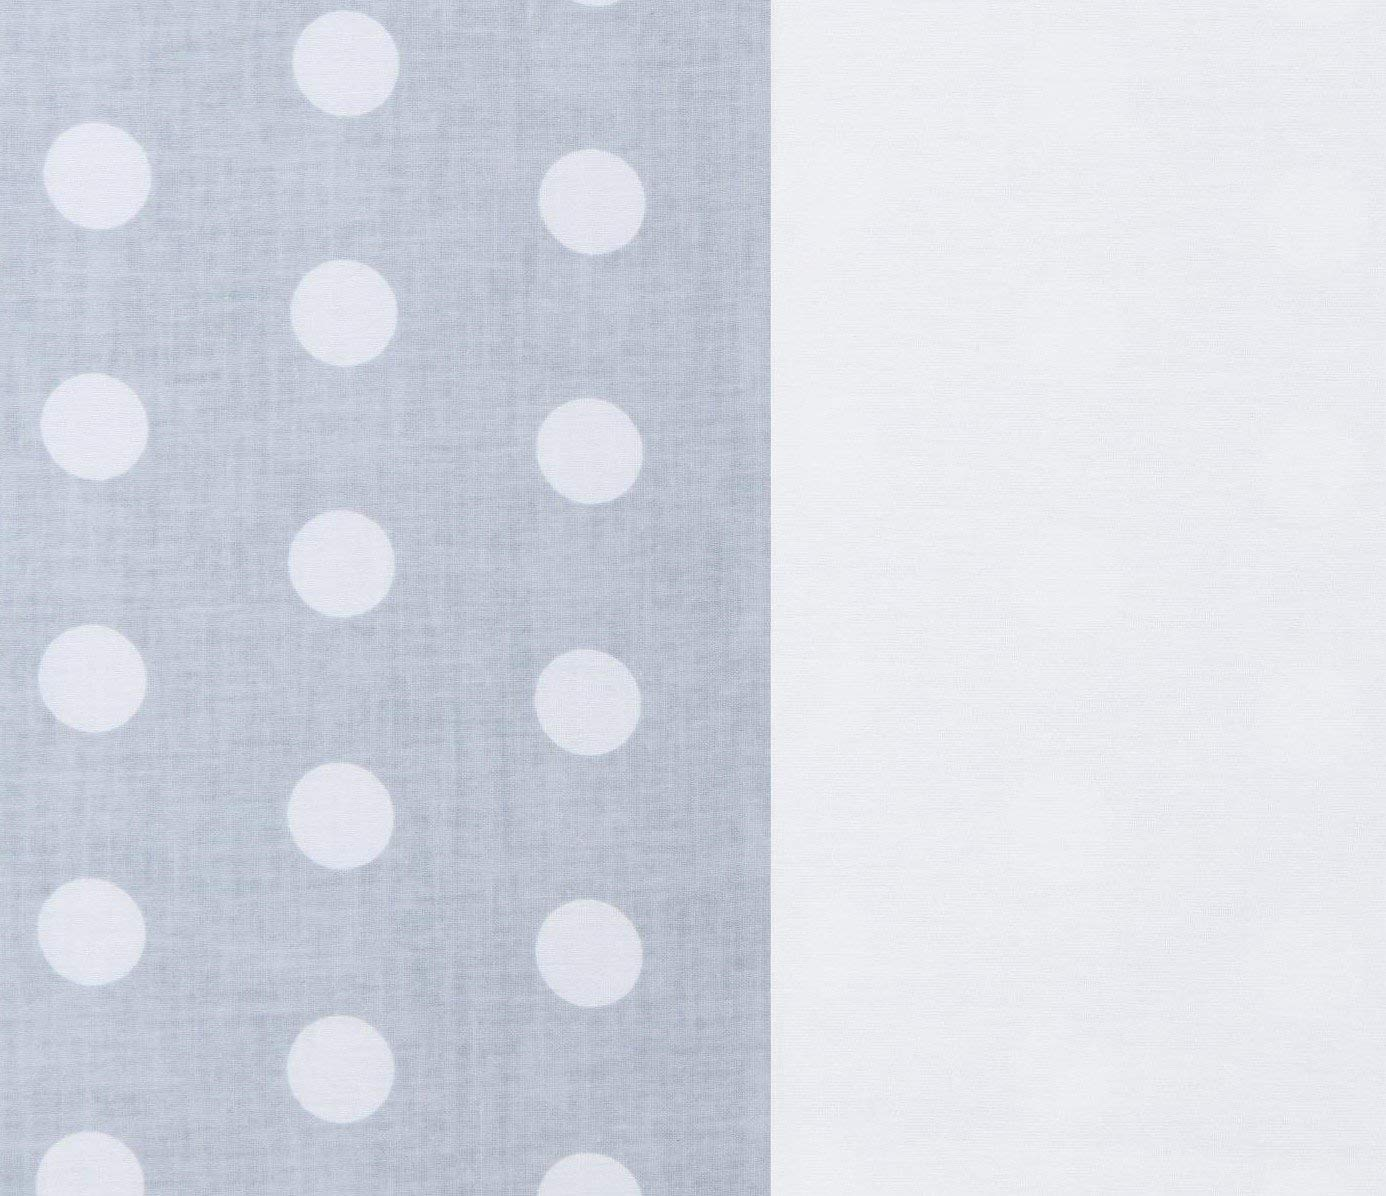 Vizaro – Saco de dormir Recién Nacido (0-4 meses) 100g – 4,5Tog – Invierno, Entretiempo – Algodón Puro – Hecho UE, OekoTex – Lunares